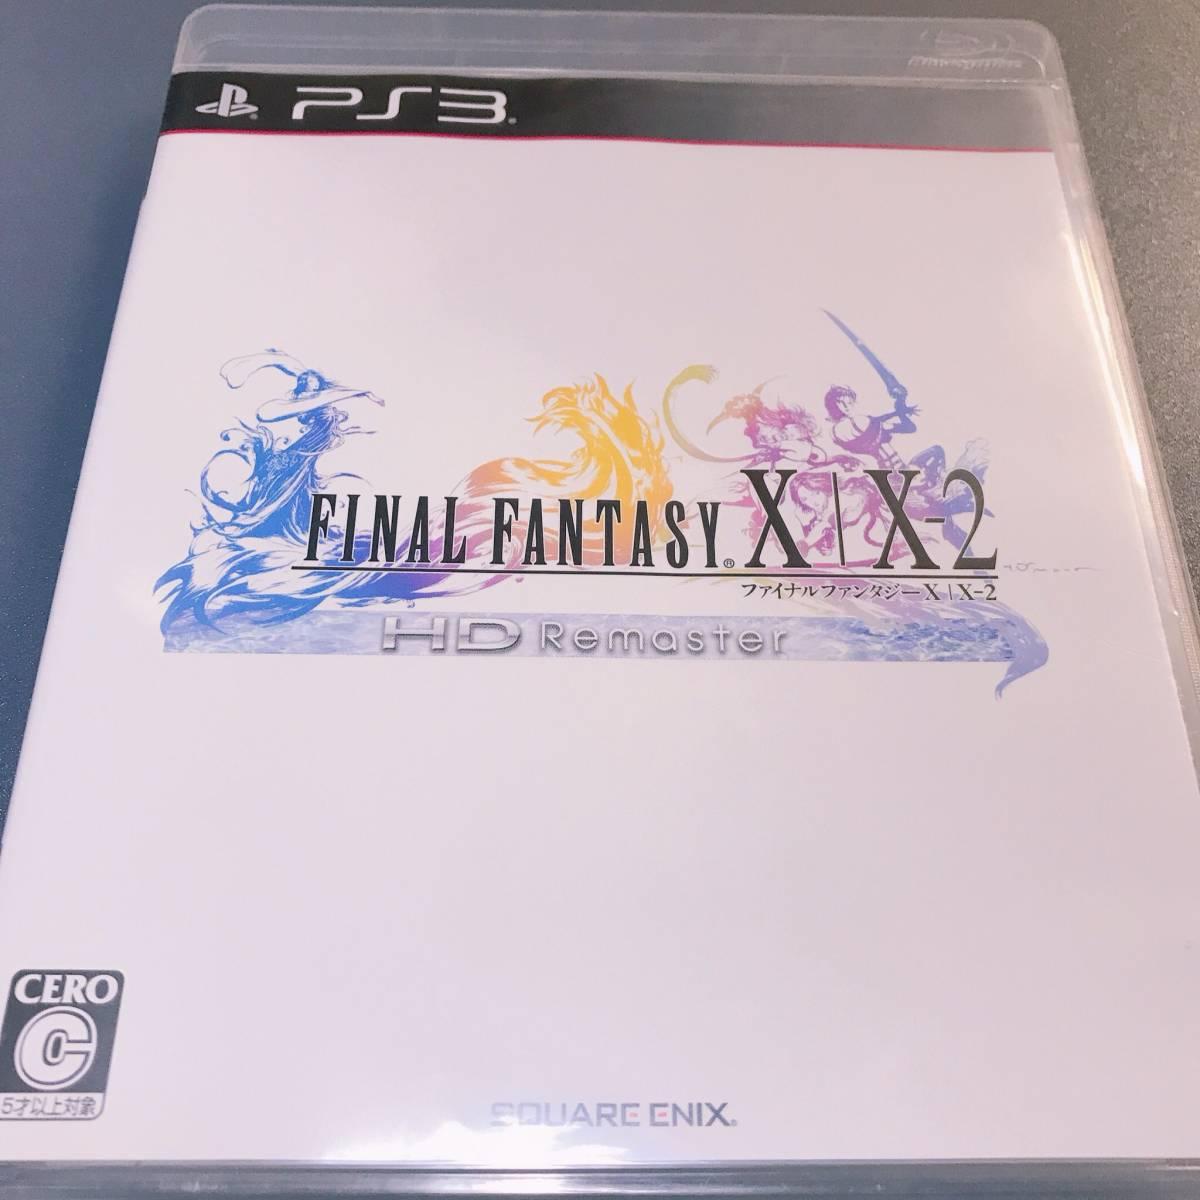 PS3 ファイナルファンタジーX FINAL FANTASY X HDリマスター ファイナルファンタジー10